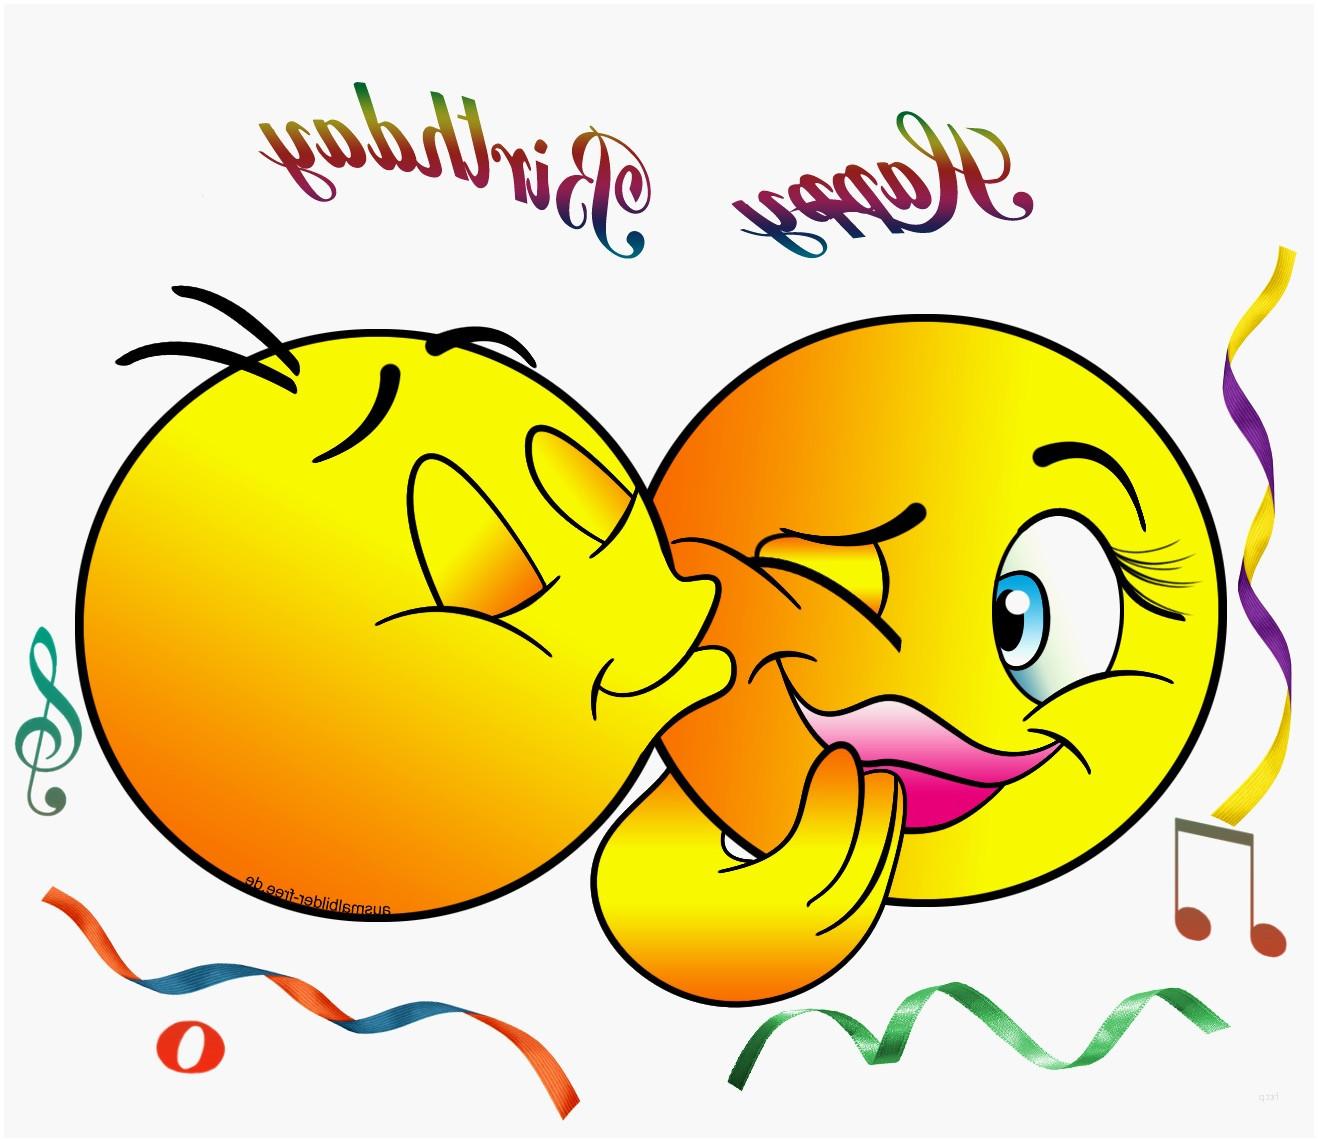 Emojis Zum Ausmalen Frisch 37 Beste Von Ausmalbilder Emoji – Große Coloring Page Sammlung Sammlung